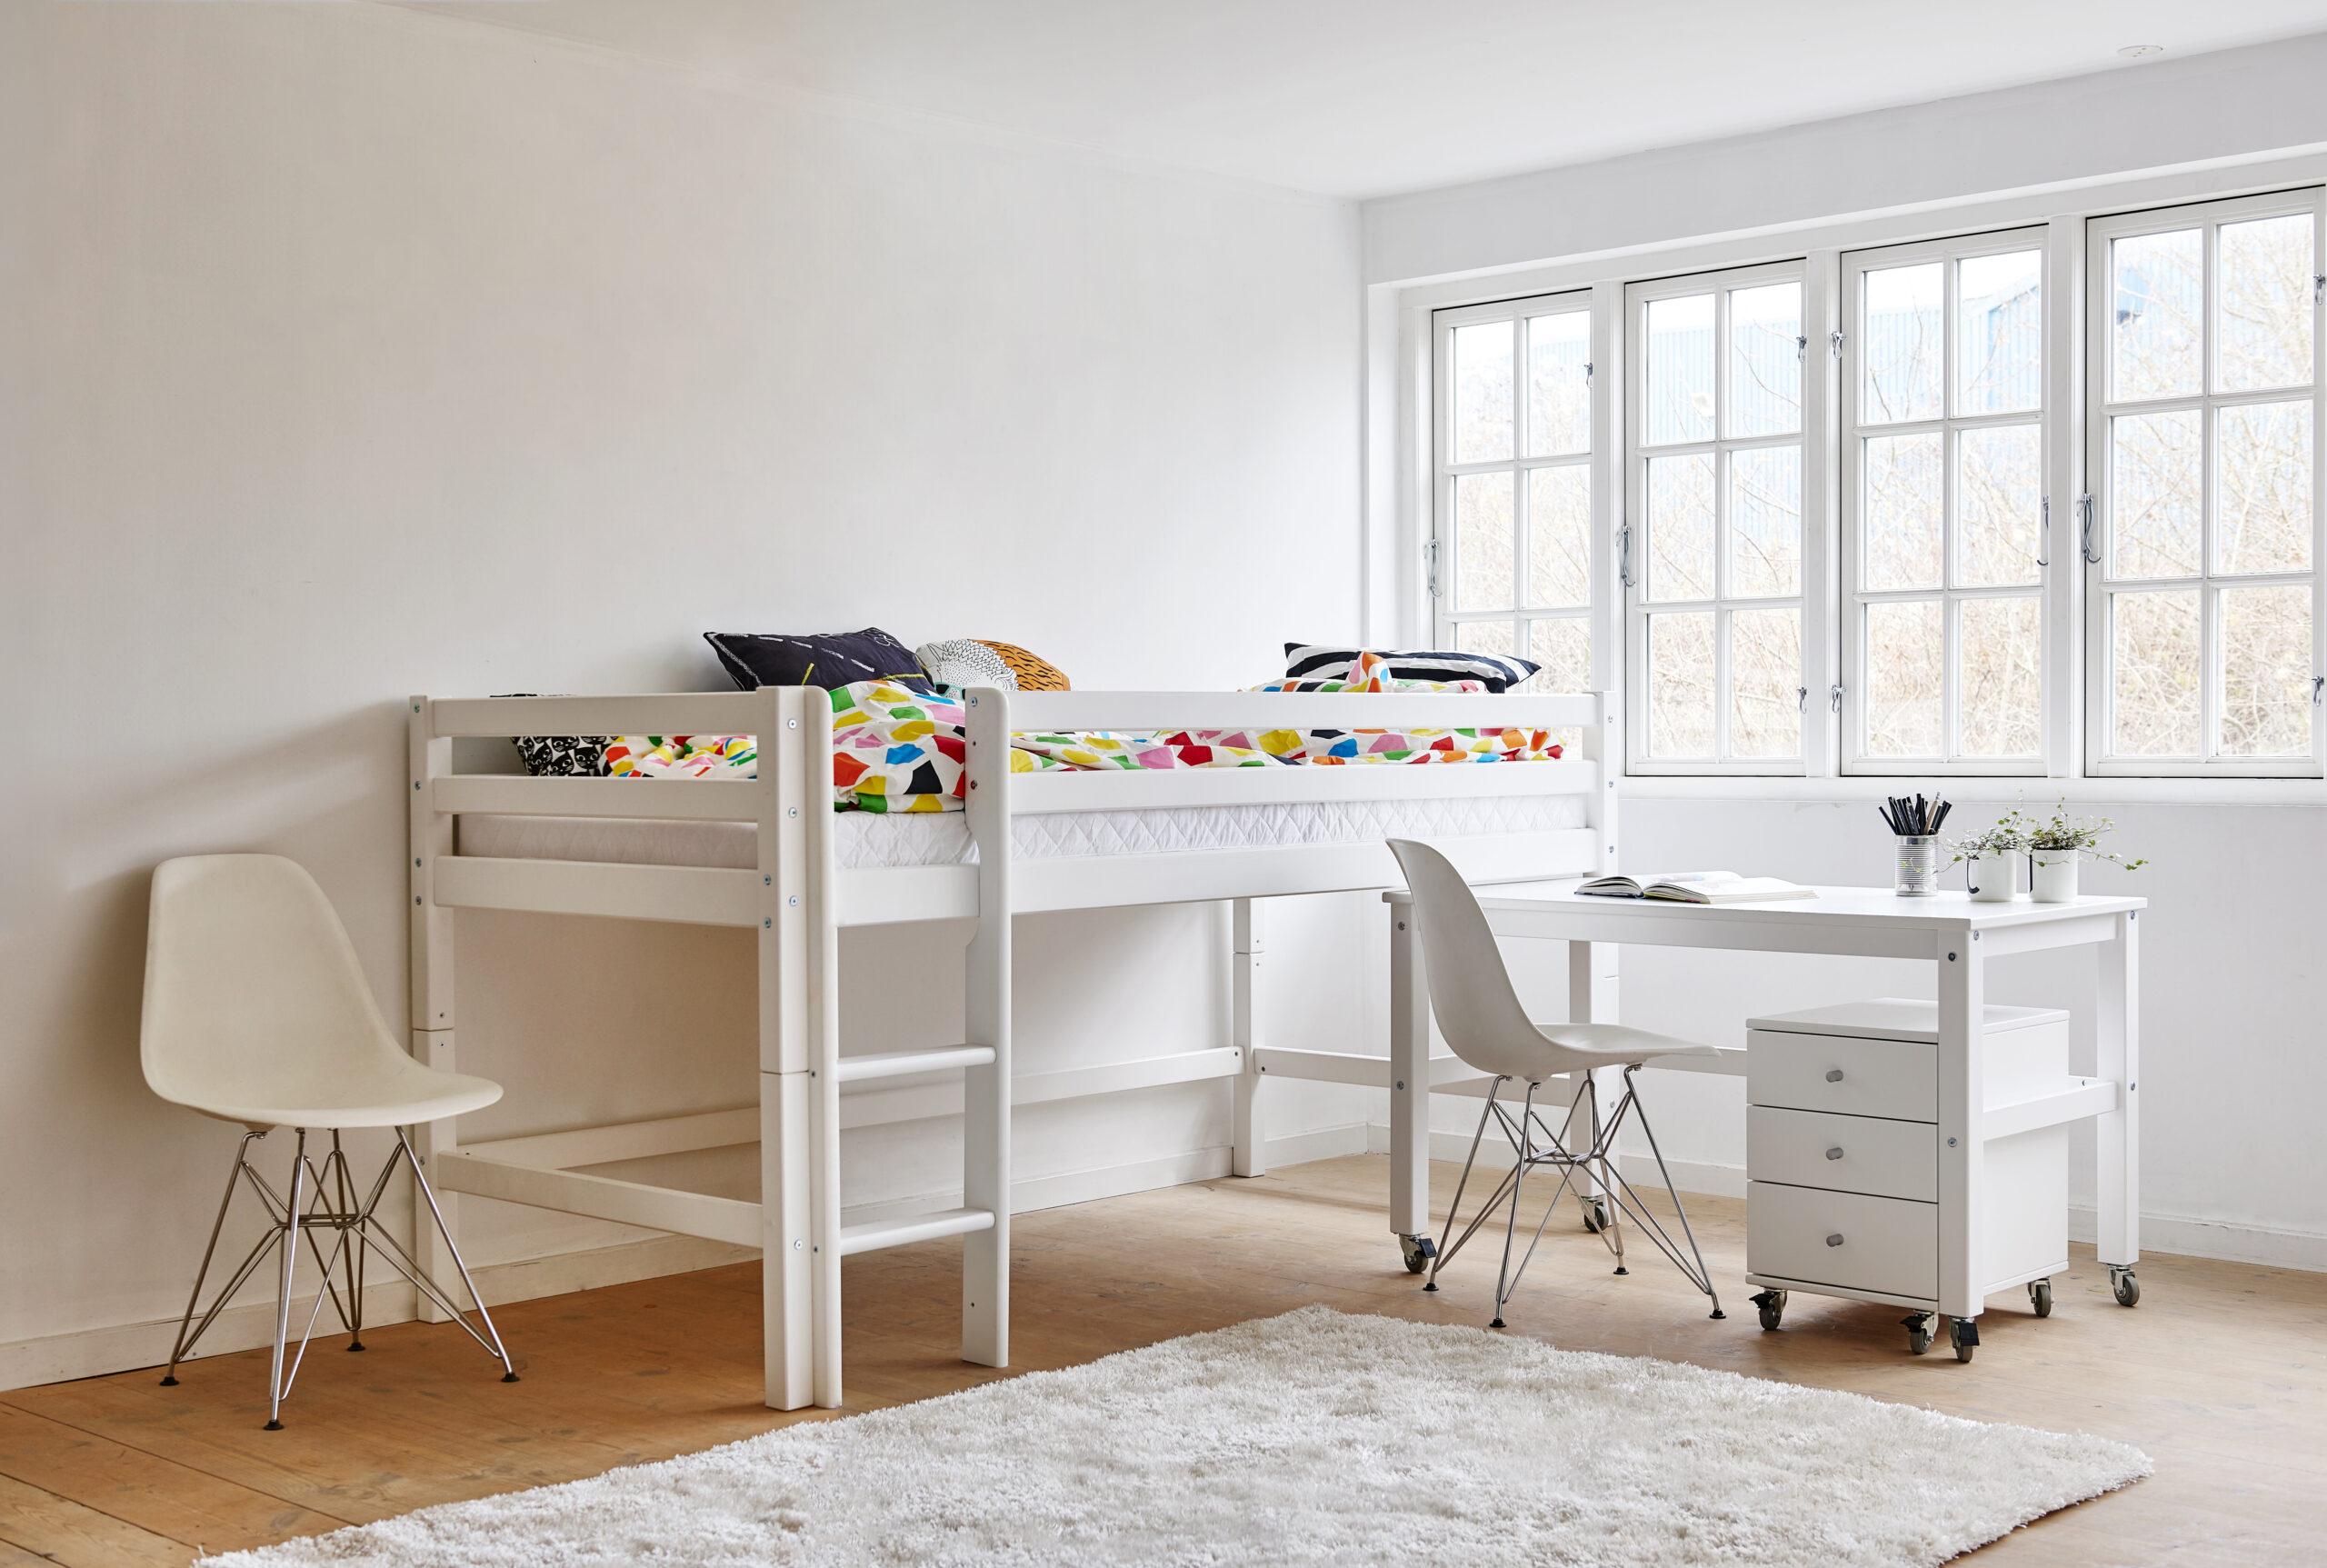 Full Size of Regal Schreibtisch Mit Integriert Klappbar Kombination Ikea Regalaufsatz Kombi Integriertem Selber Bauen Hoppekids Halbhochbett Premium Plus Schlafzimmer Rot Regal Regal Schreibtisch